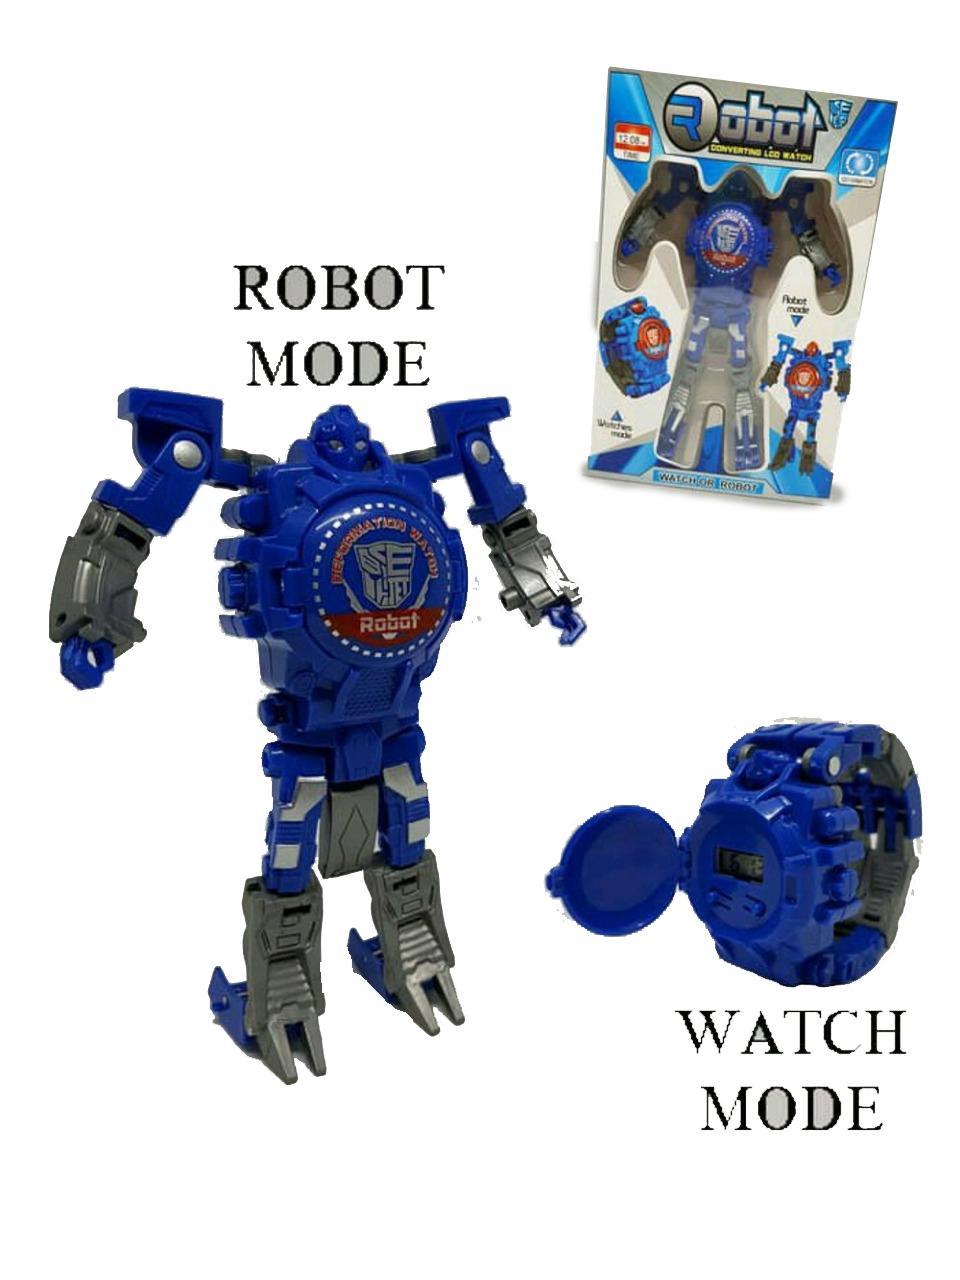 Jam Tangan Robot Transformer - Jam Tangan Anak Transformer - Jam Tangan Anak Terbaru